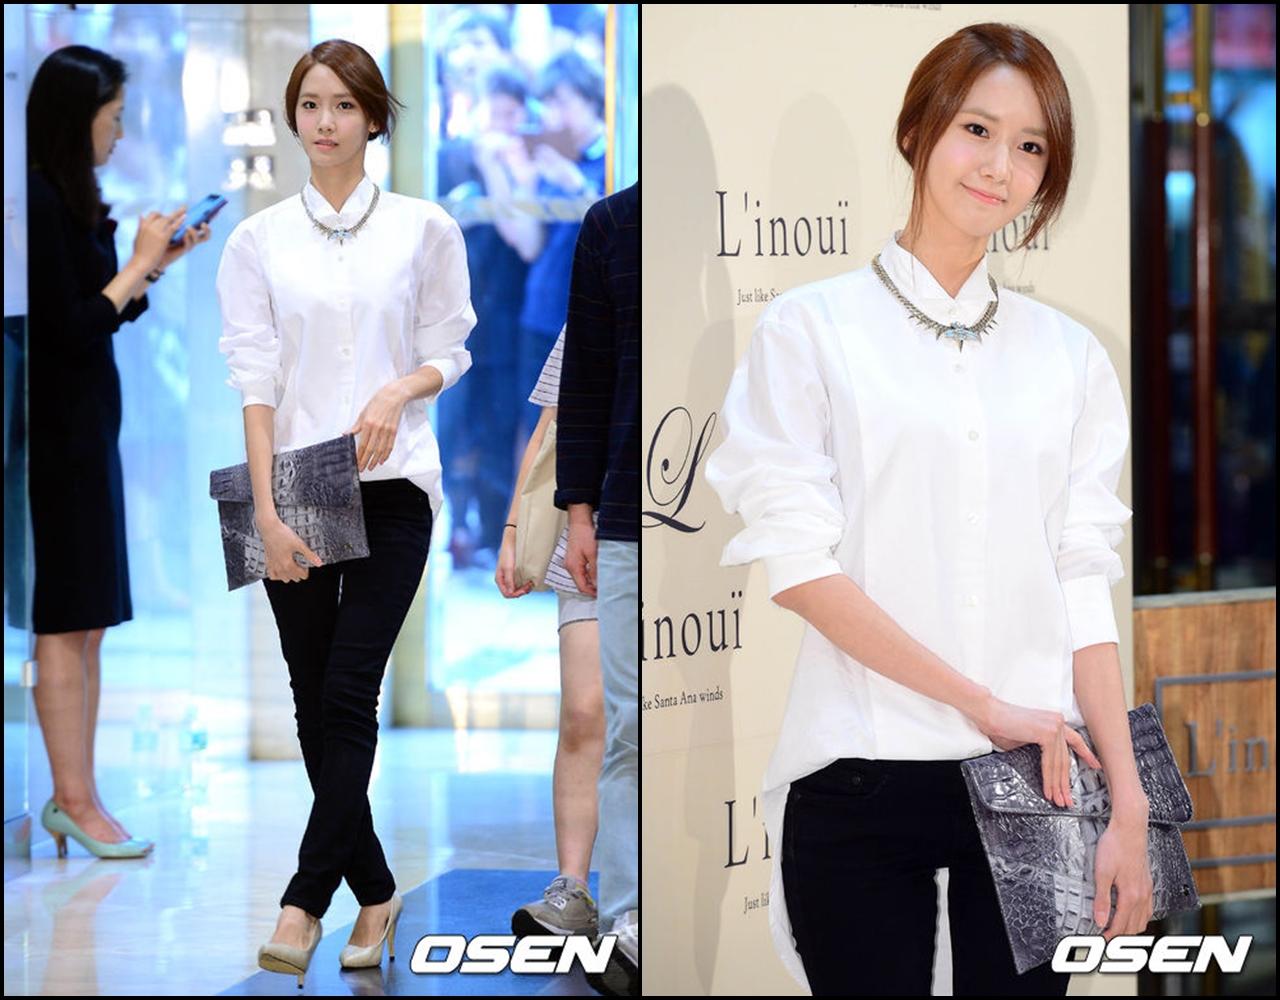 上半身穿白色襯衫,對比強烈的配色,也會有顯瘦的視覺效果喔 σ`∀´)σ